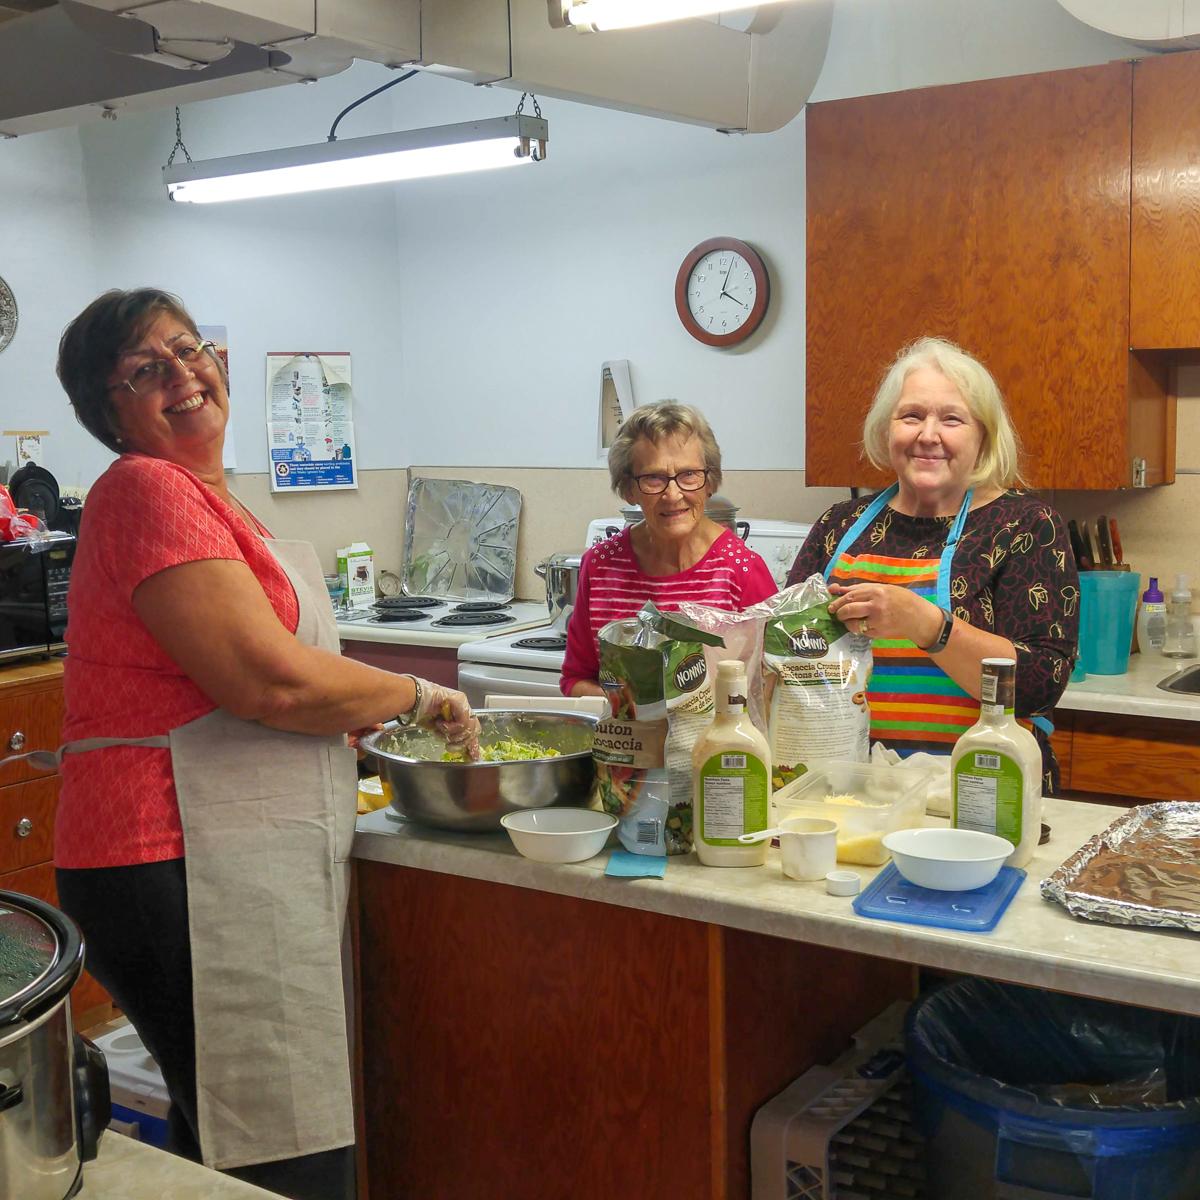 Volunteers in the kitchen